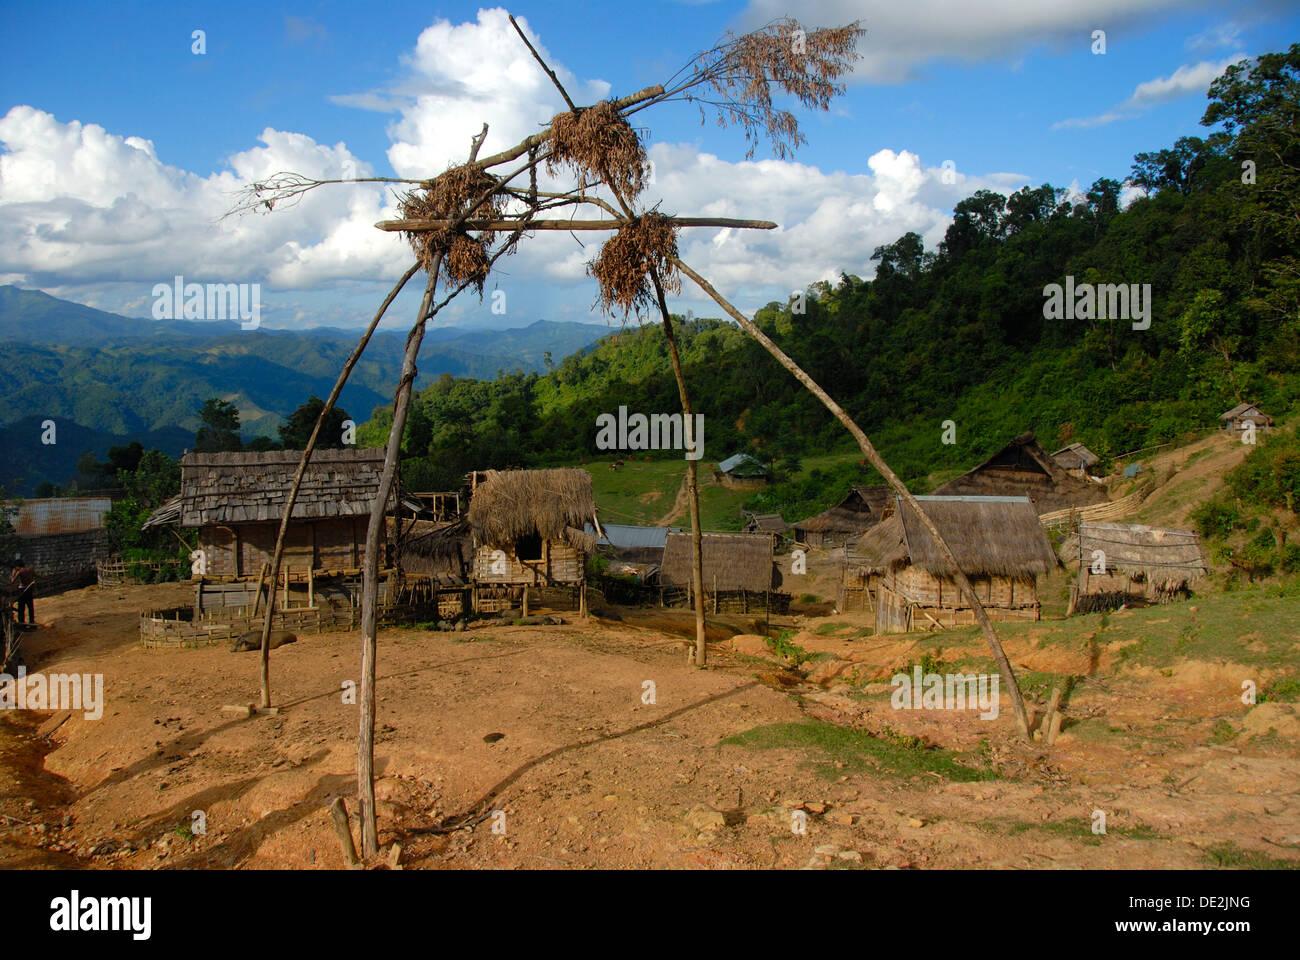 La pauvreté, la religion naturelle, l'animisme, croyance aux esprits, la croyance aux fantômes, esprits swing à l'entrée du village, village de la Photo Stock